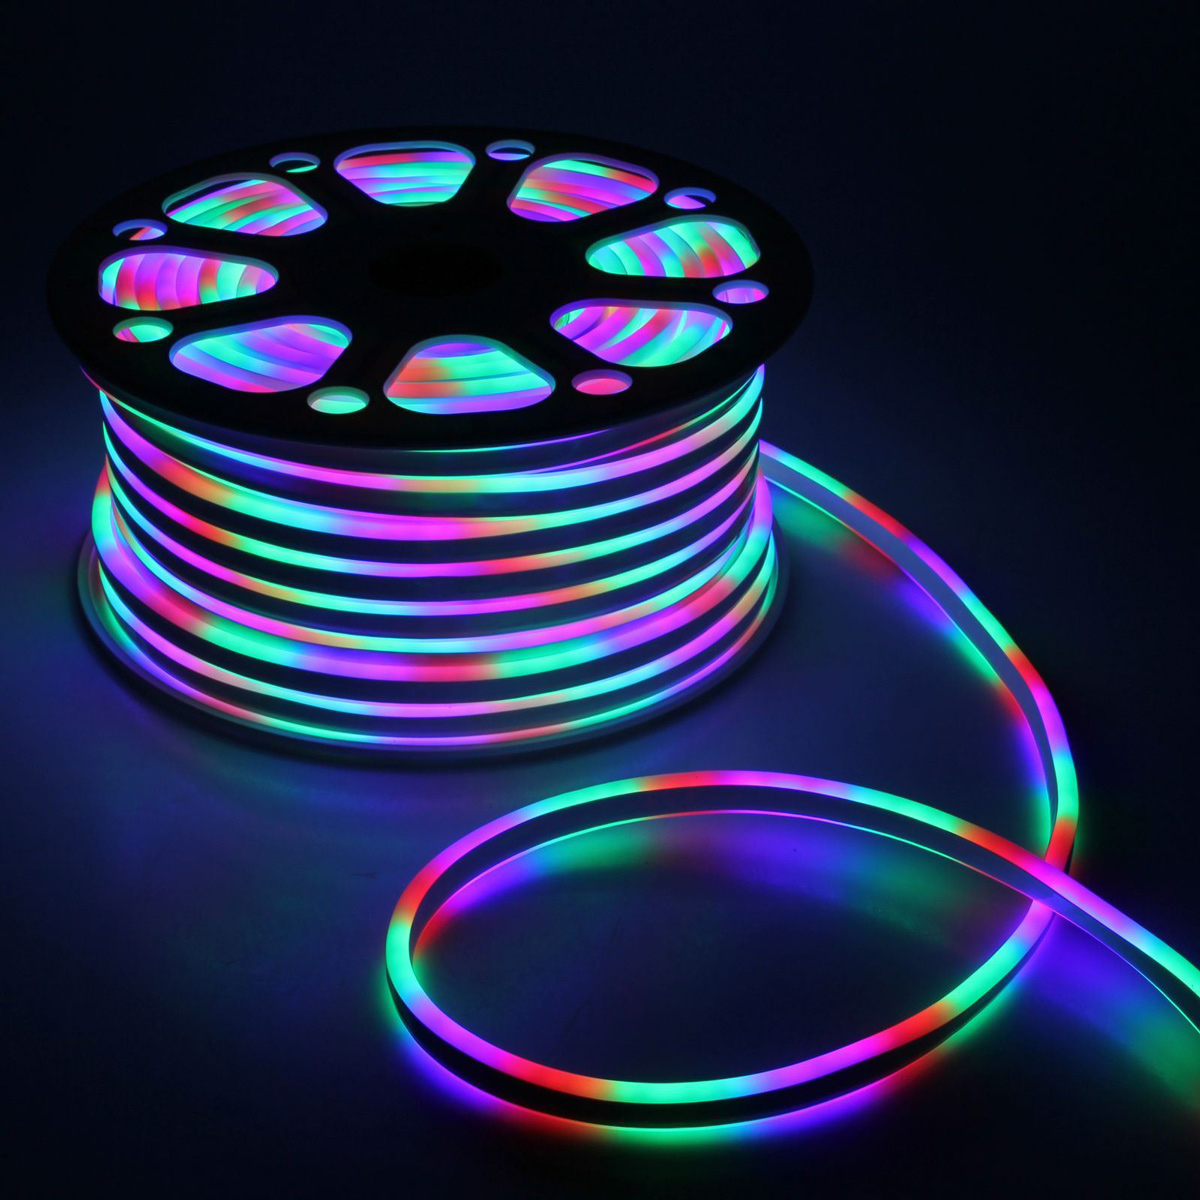 Гирлянда светодиодная Luazon, 120 ламп, 220 V, цвет: мультиколор, 0,8 см х 1,6 см х 50 м. 14312661431267Светодиодные гирлянды, ленты и т.д — это отличный вариант для новогоднего оформления интерьера или фасада. С их помощью помещение любого размера можно превратить в праздничный зал, а внешние элементы зданий, украшенные ими, мгновенно станут напоминать очертания сказочного дворца. Такие украшения создают ауру предвкушения чуда. Деревья, фасады, витрины, окна и арки будто специально созданы, чтобы вы украсили их светящимися нитями.